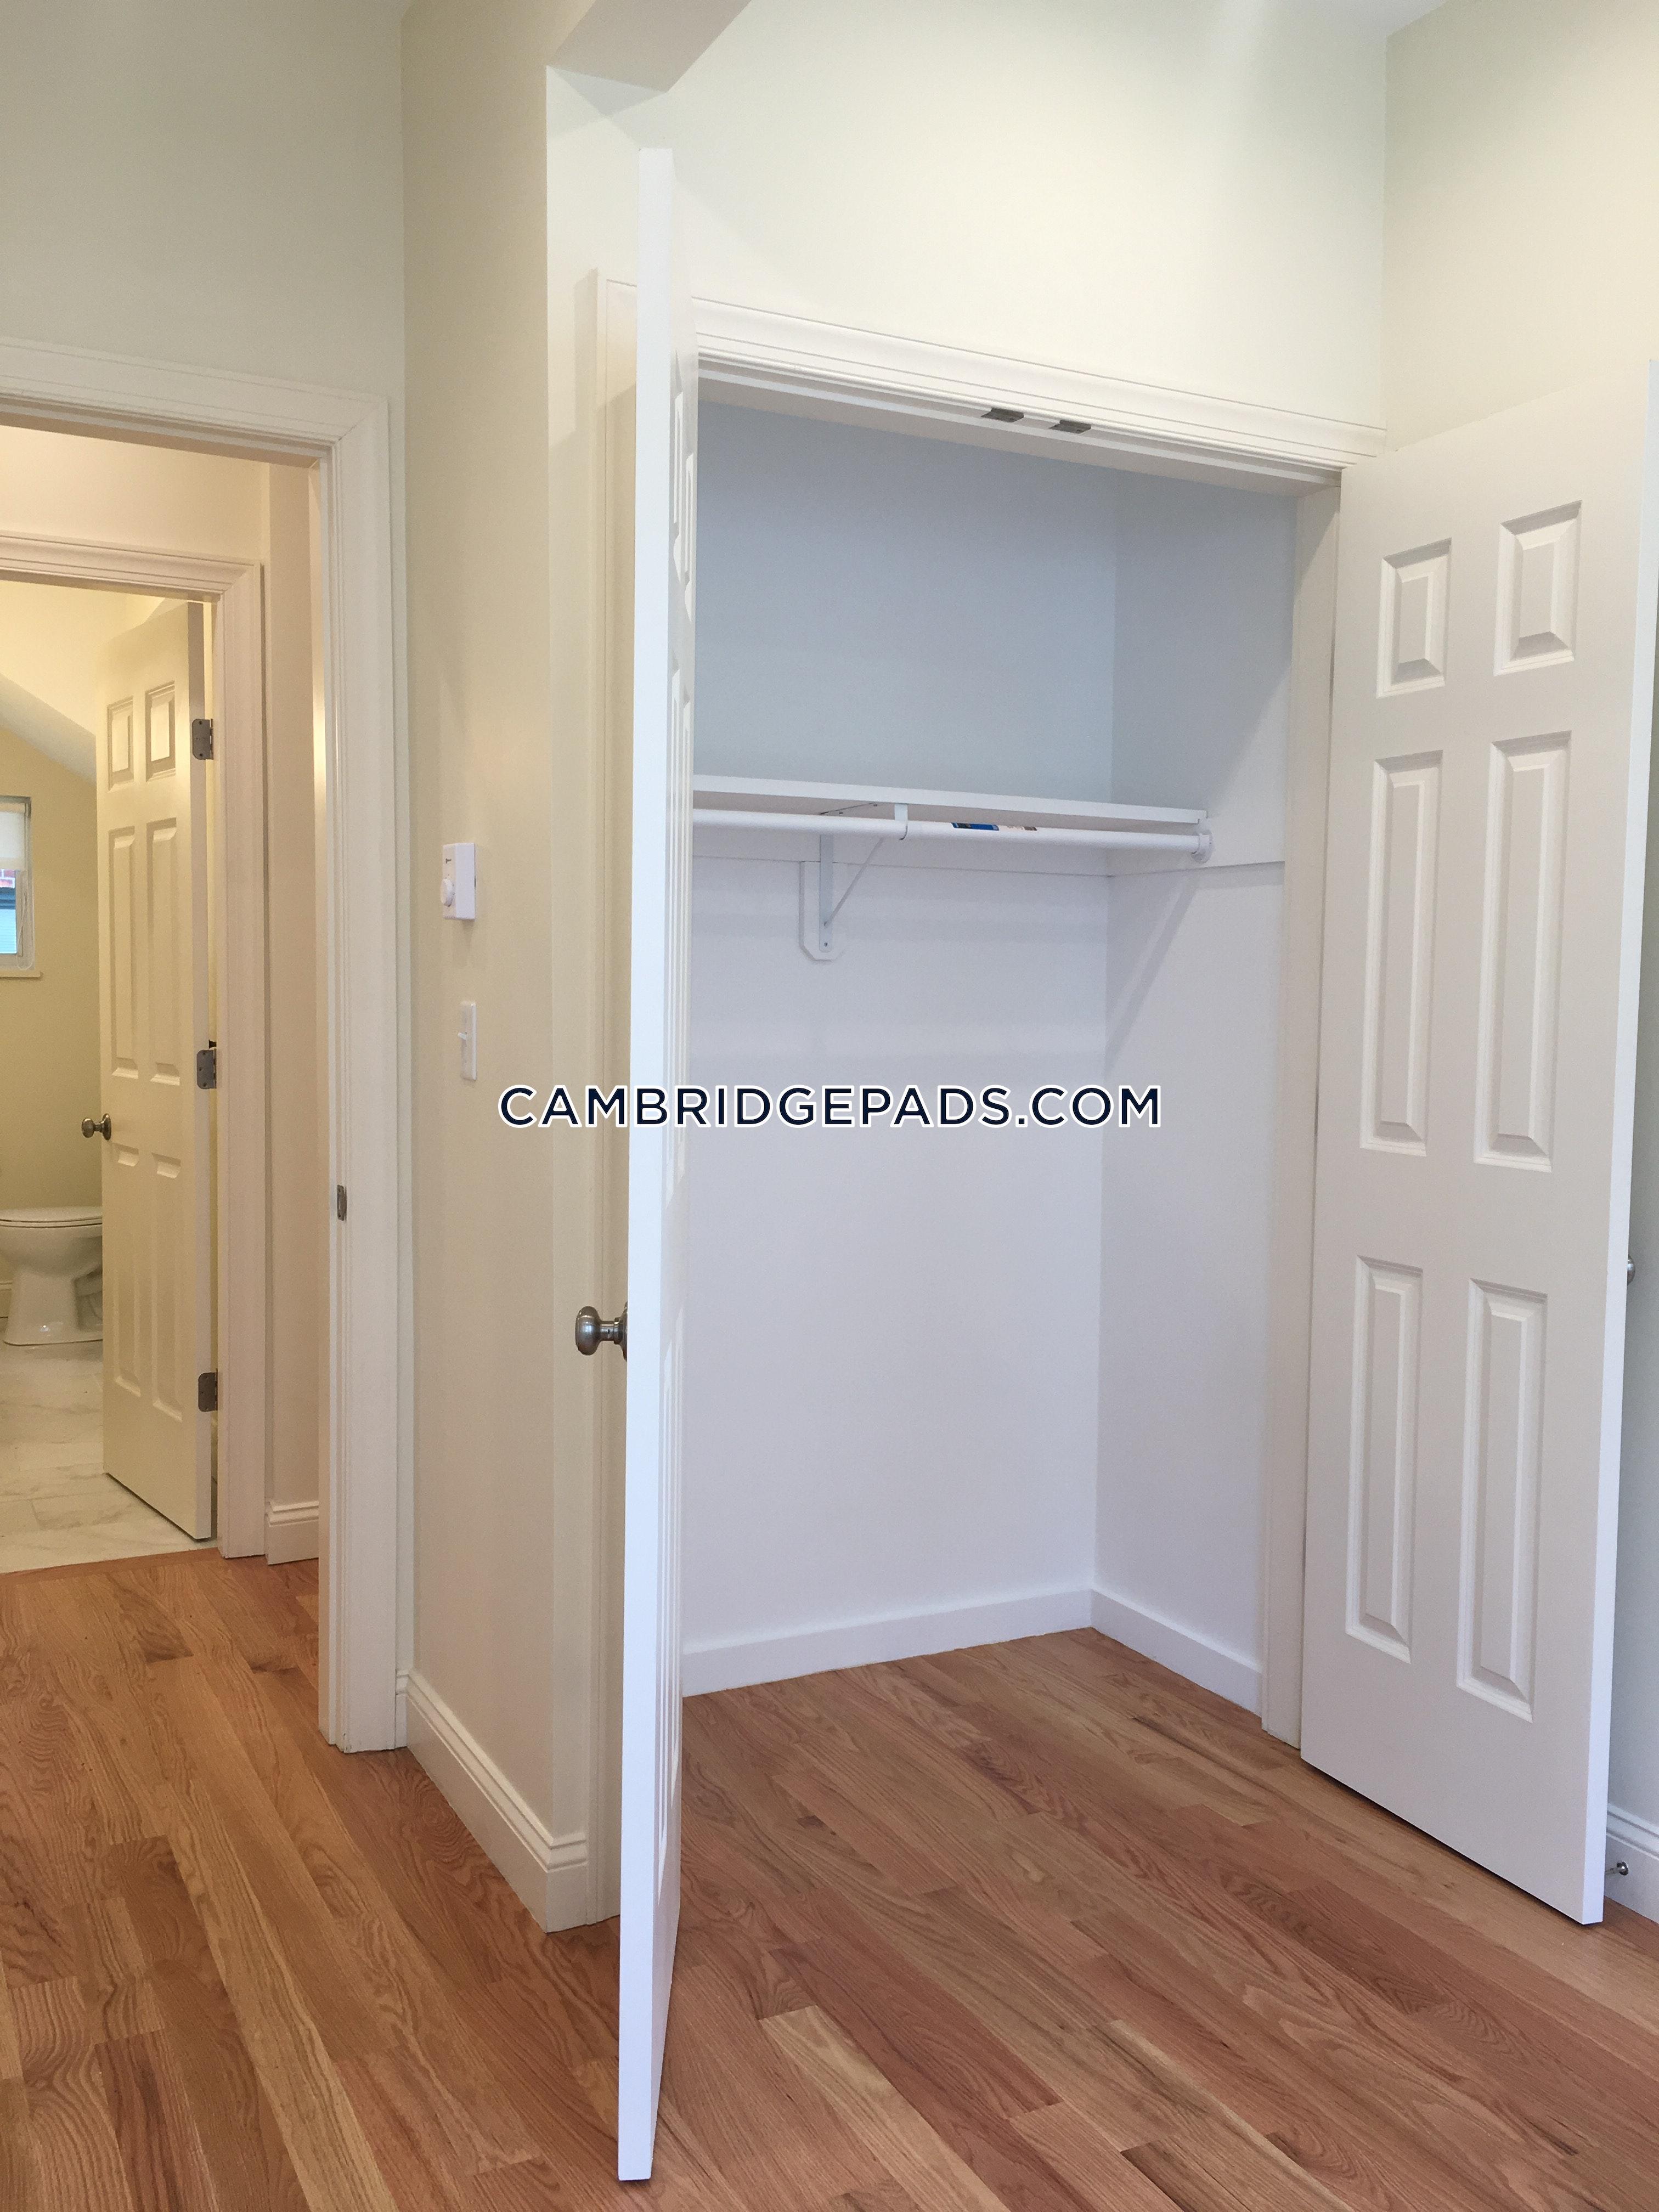 CAMBRIDGE - HARVARD SQUARE - $2,900